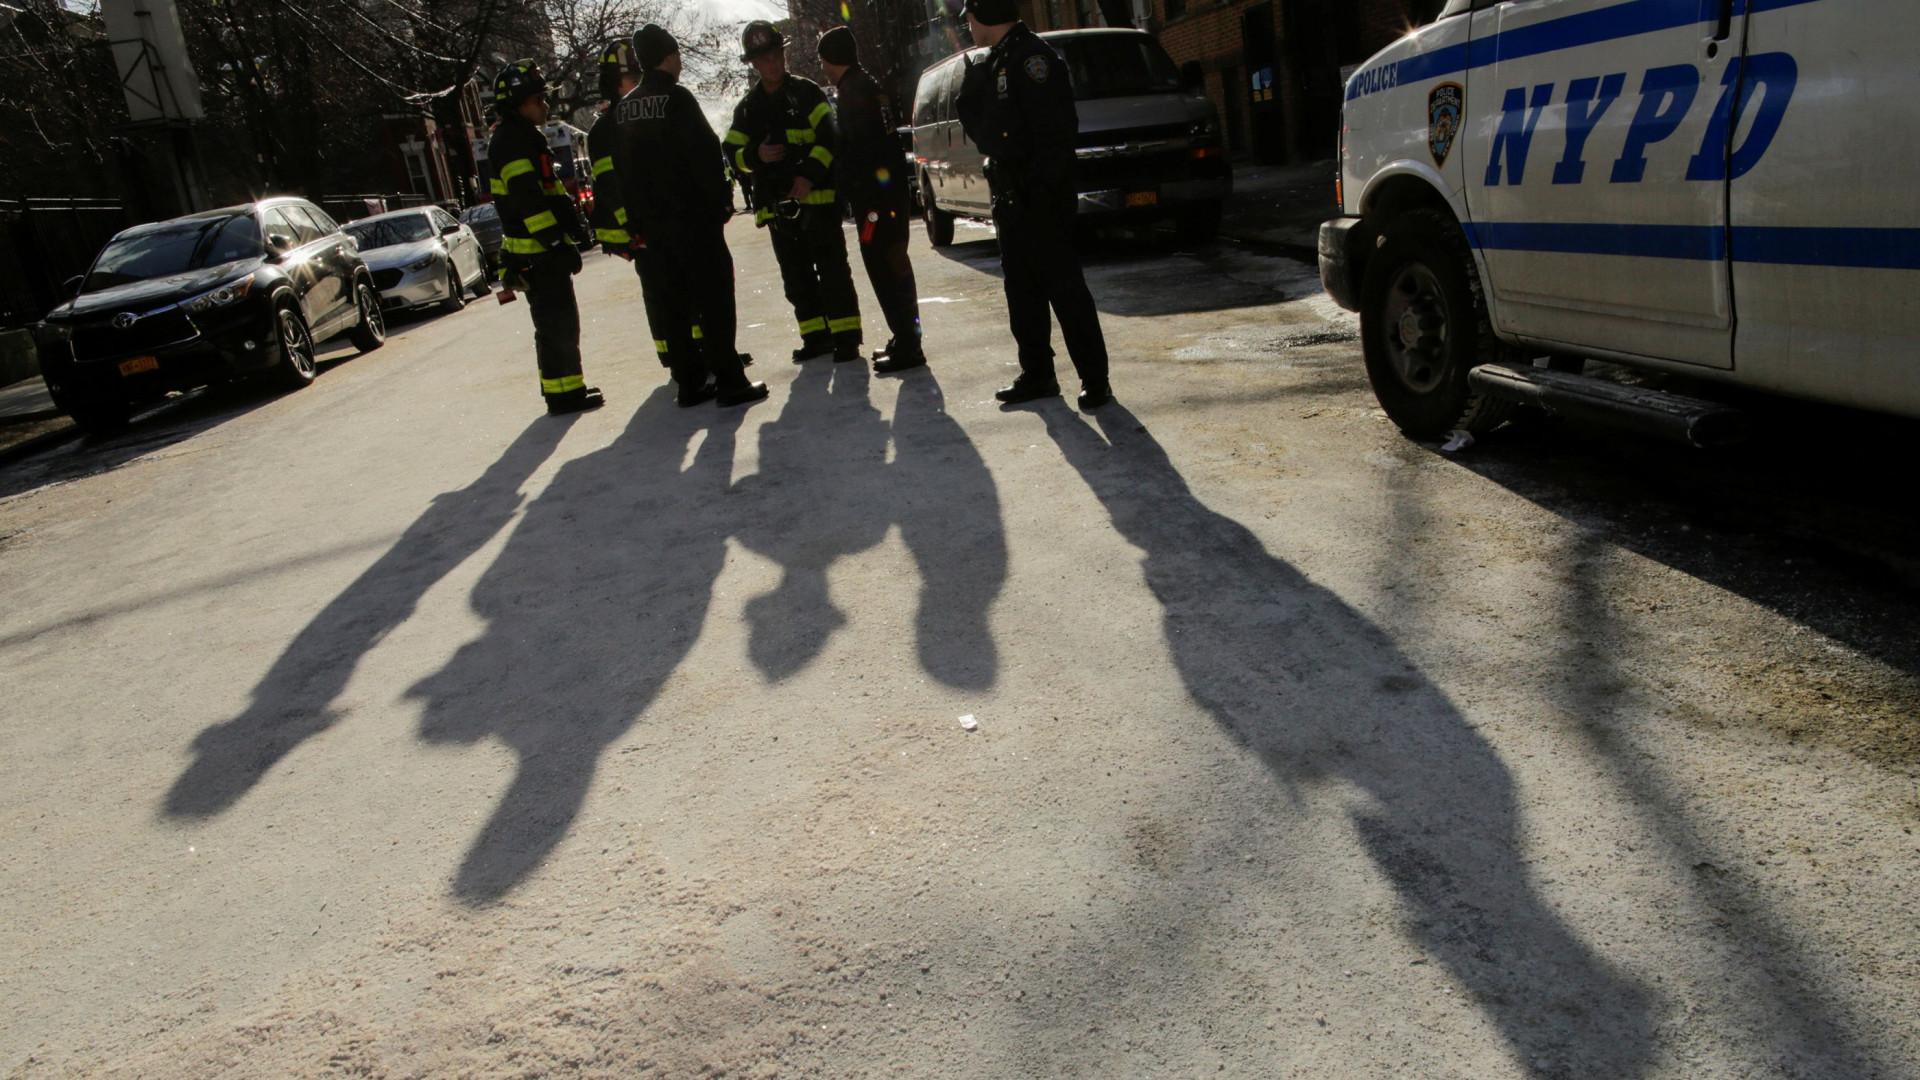 Cinco pessoas, entre elas crianças, esfaqueadas em creche em Nova Iorque